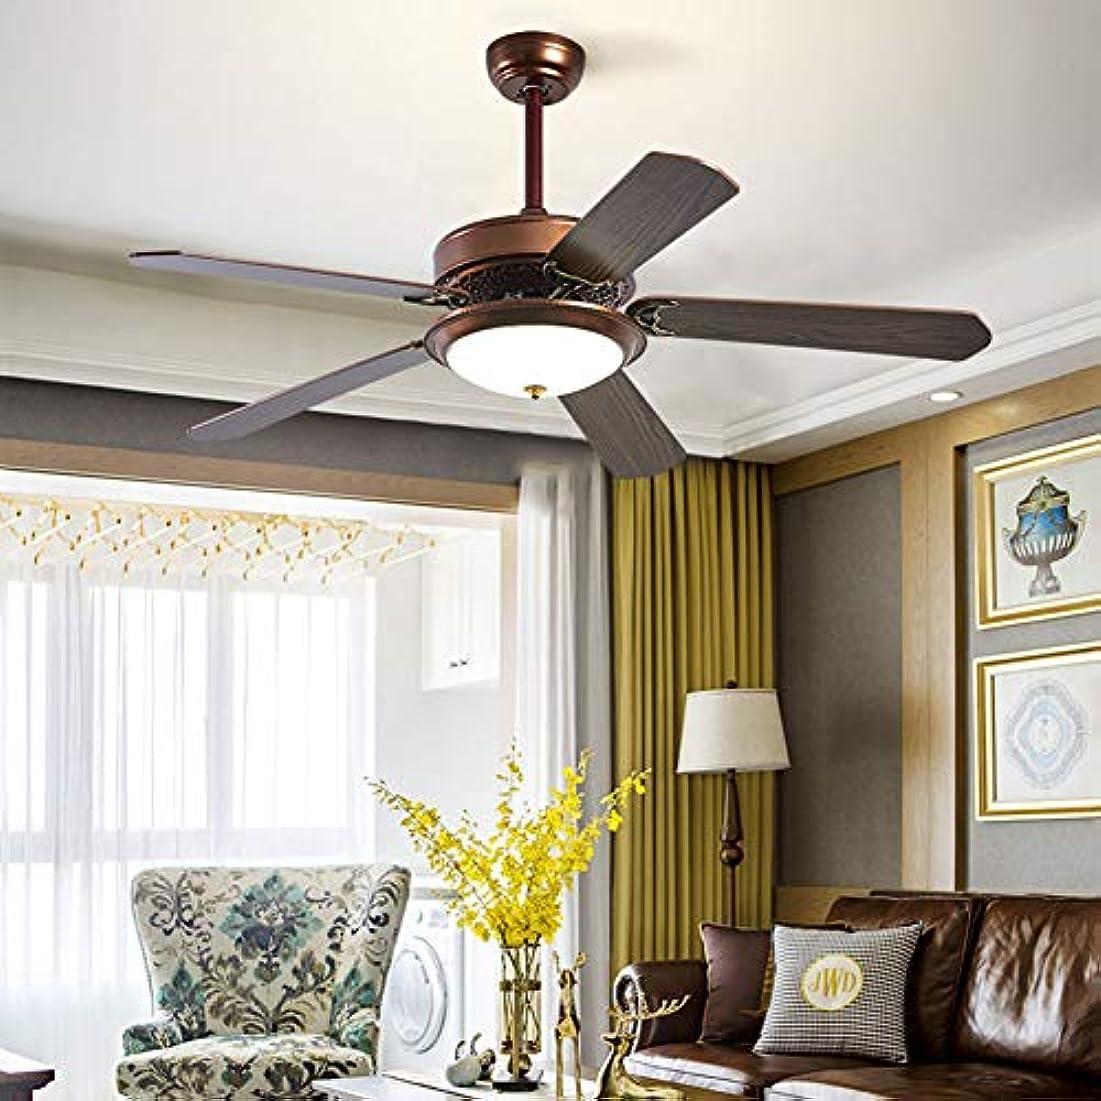 バレーボール部想起リビングルームとベッドルームのための光、6速の微調整、ノイズなし、とアンティークウッドリーフ扇風機、52インチ、3色の調光天井のファン